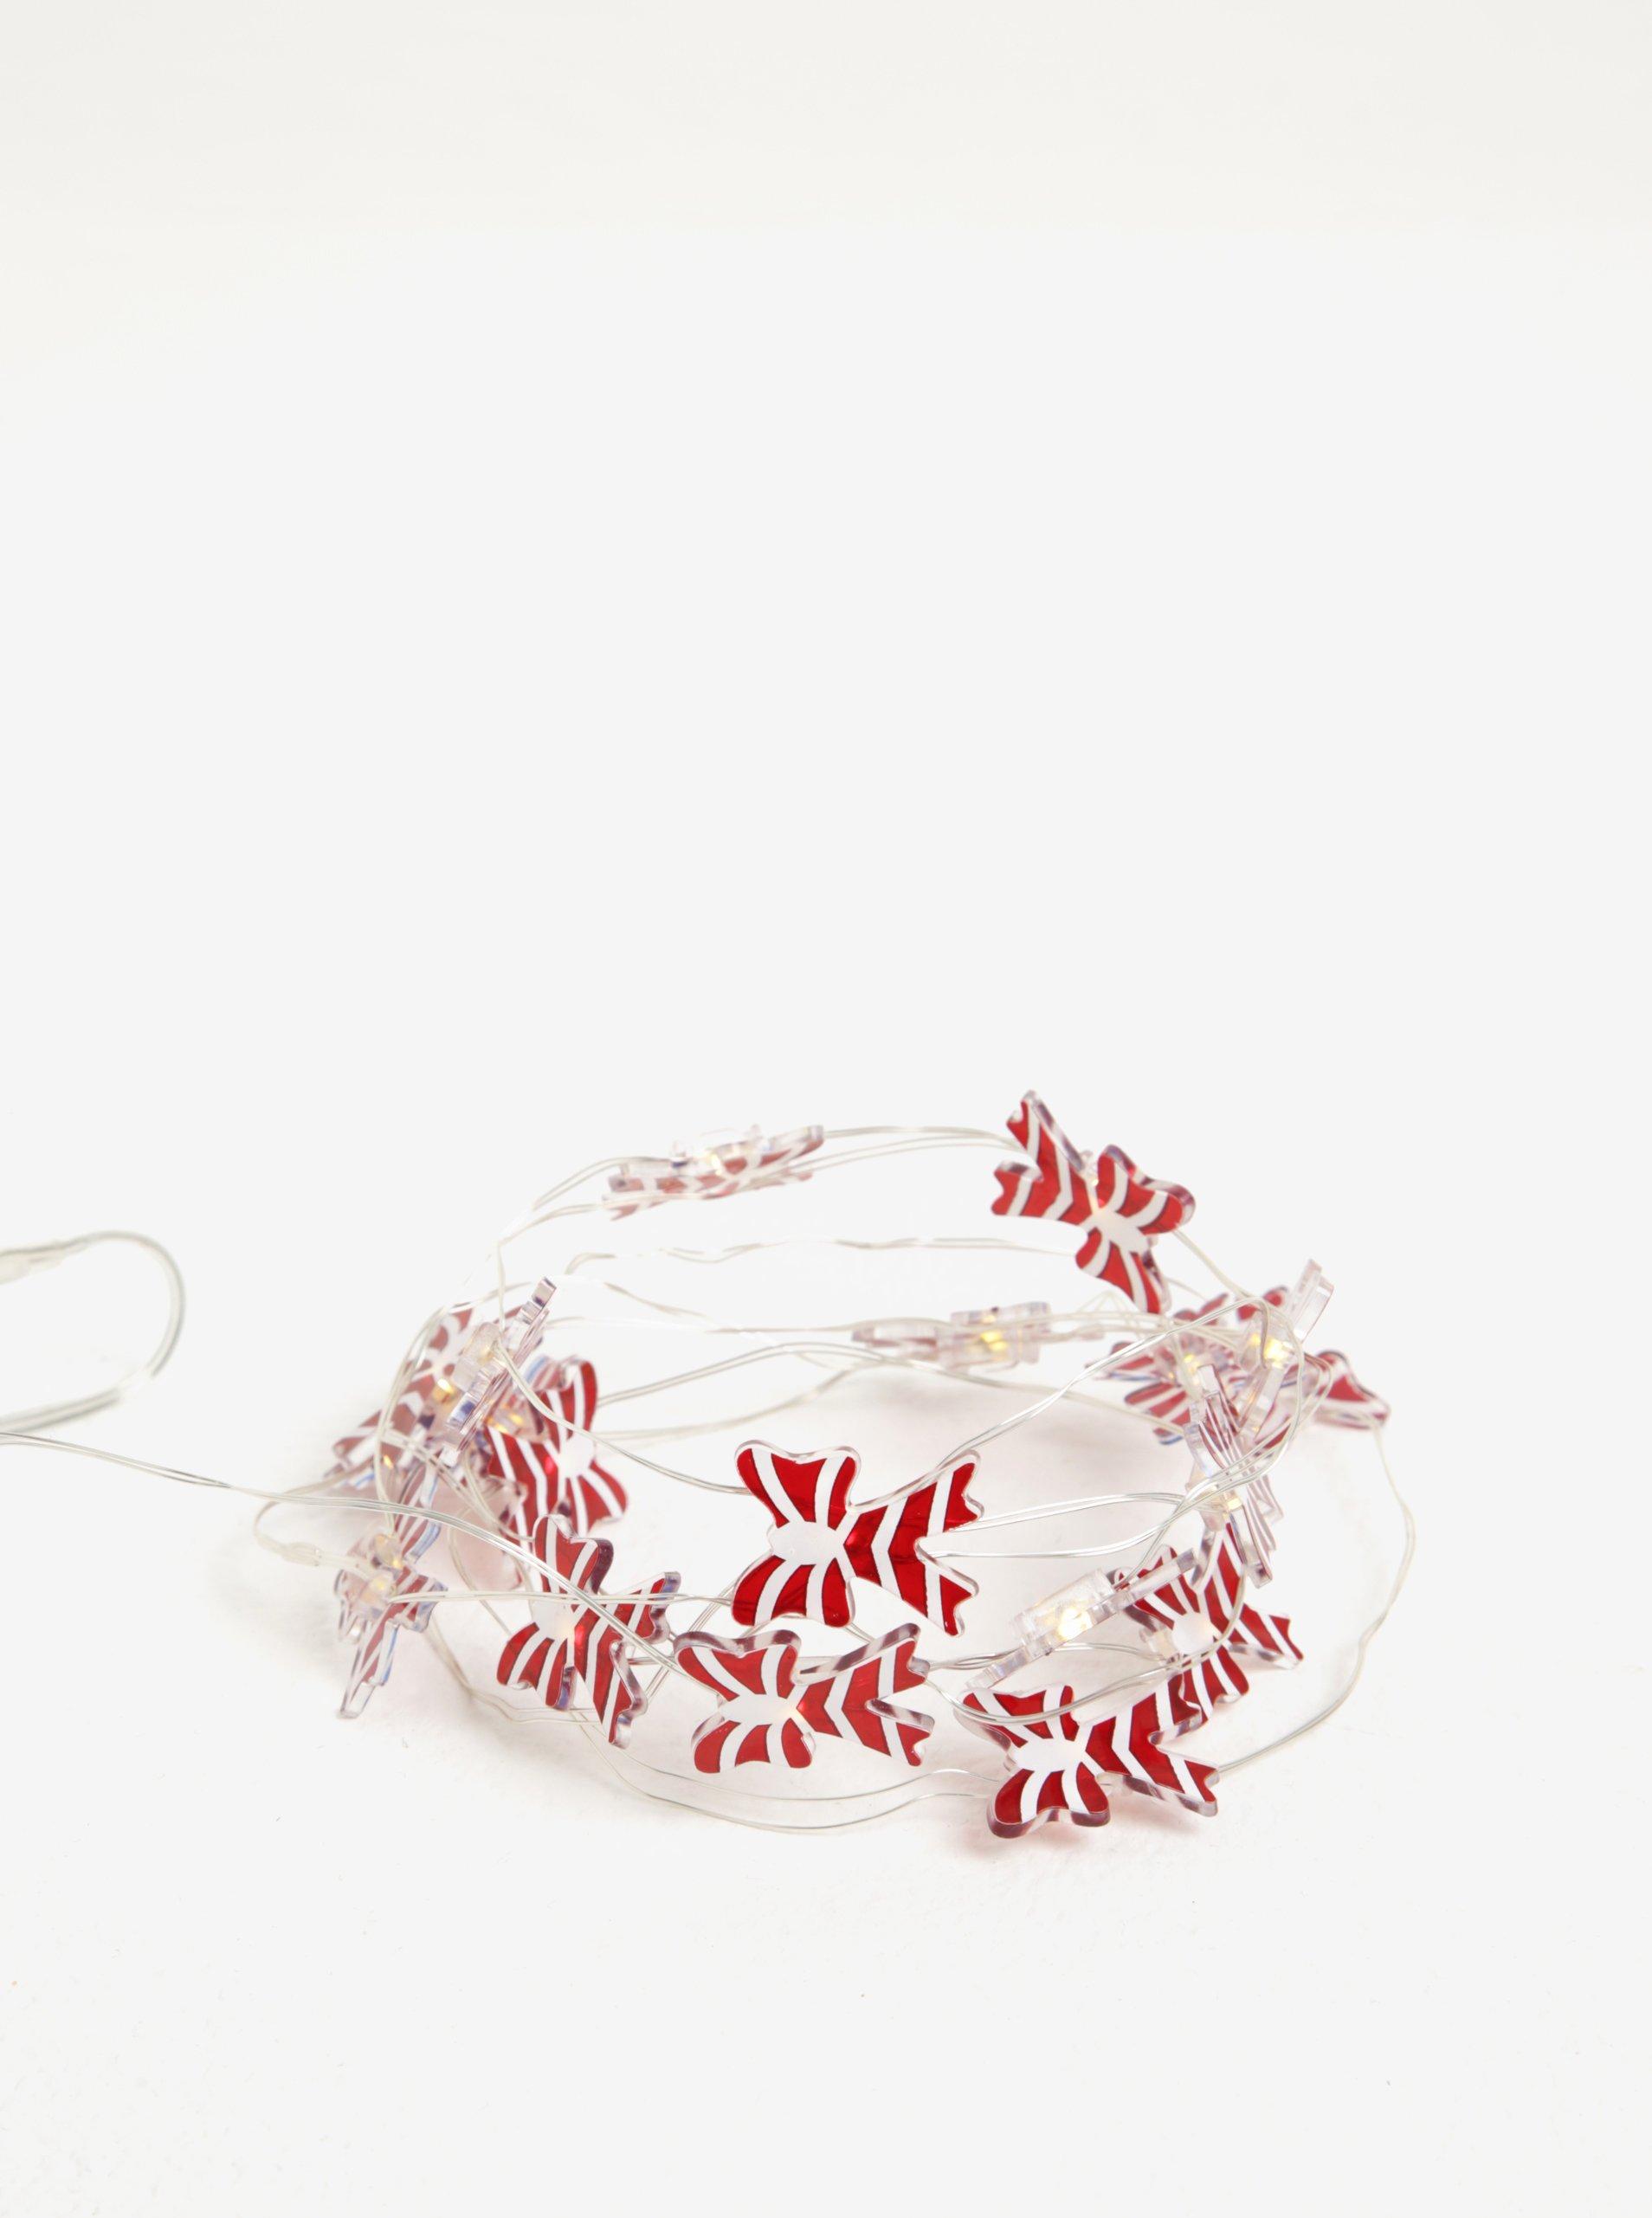 Bílo-červený LED svítící řetěz s mašlemi Kaemingk